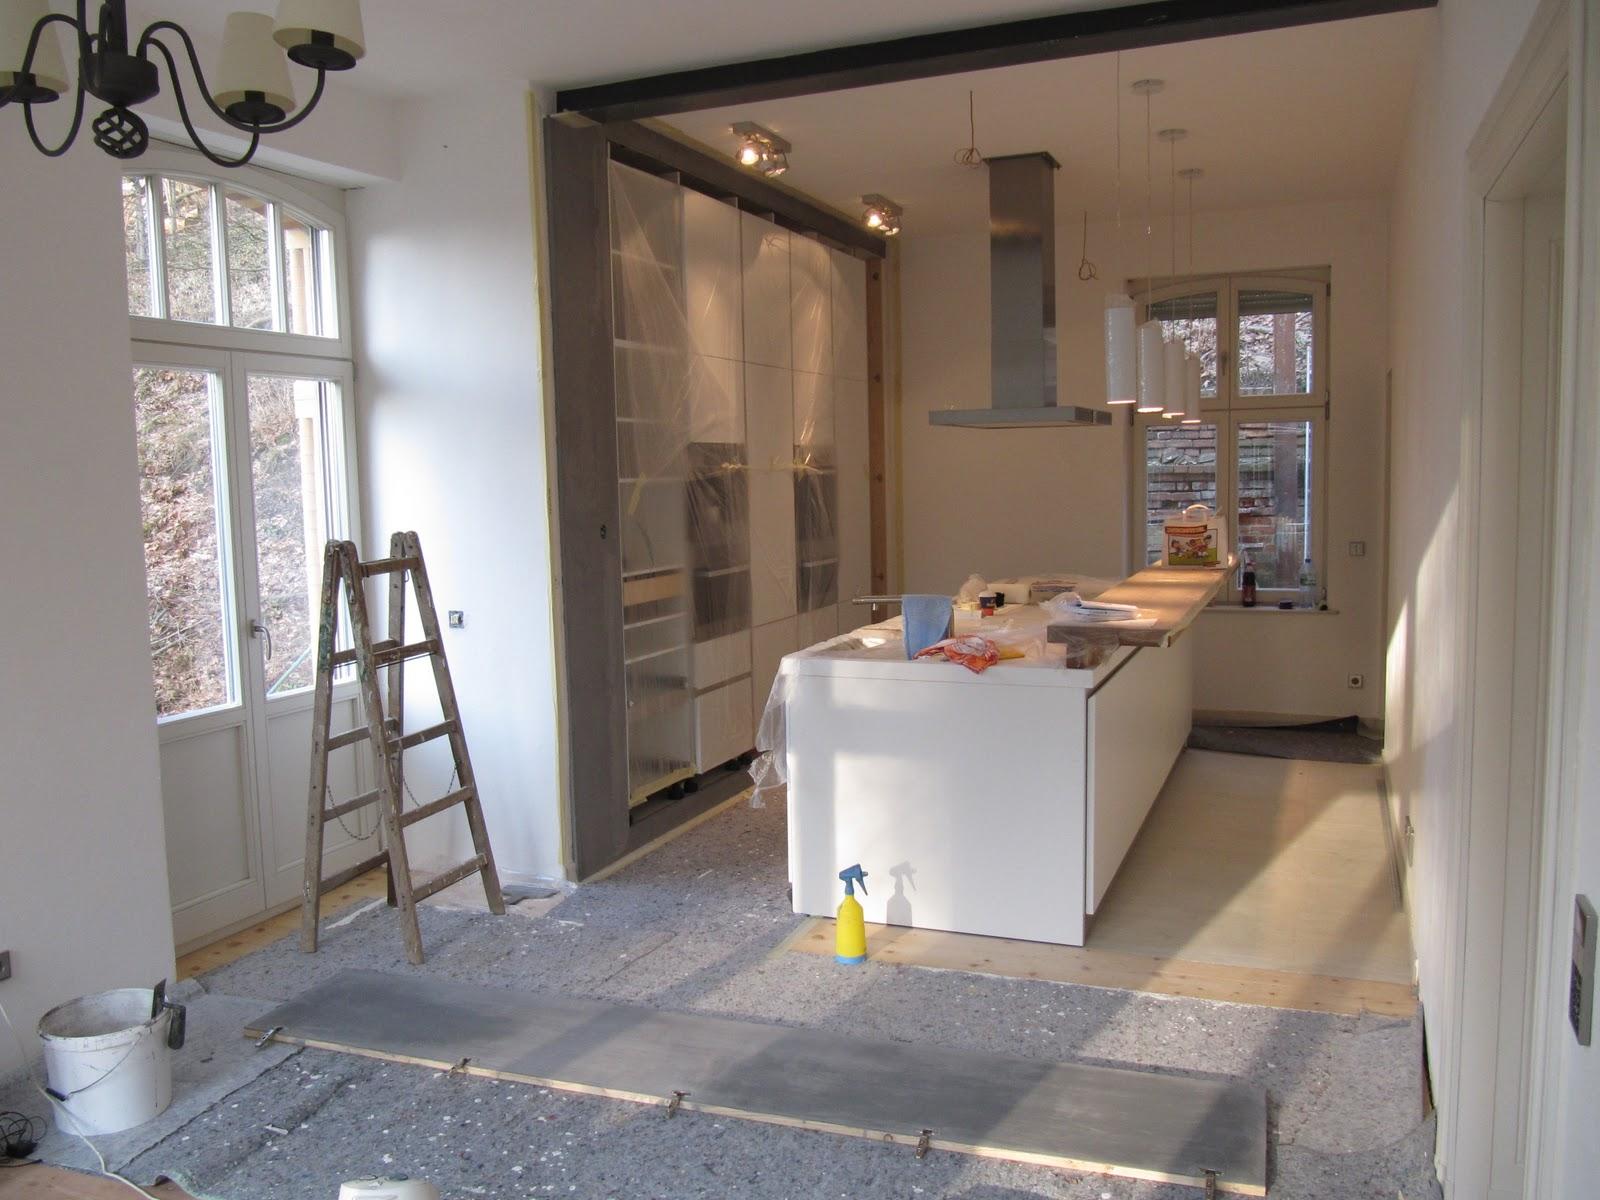 Beton unique beton cire beton cire - Bulthaup beton ...